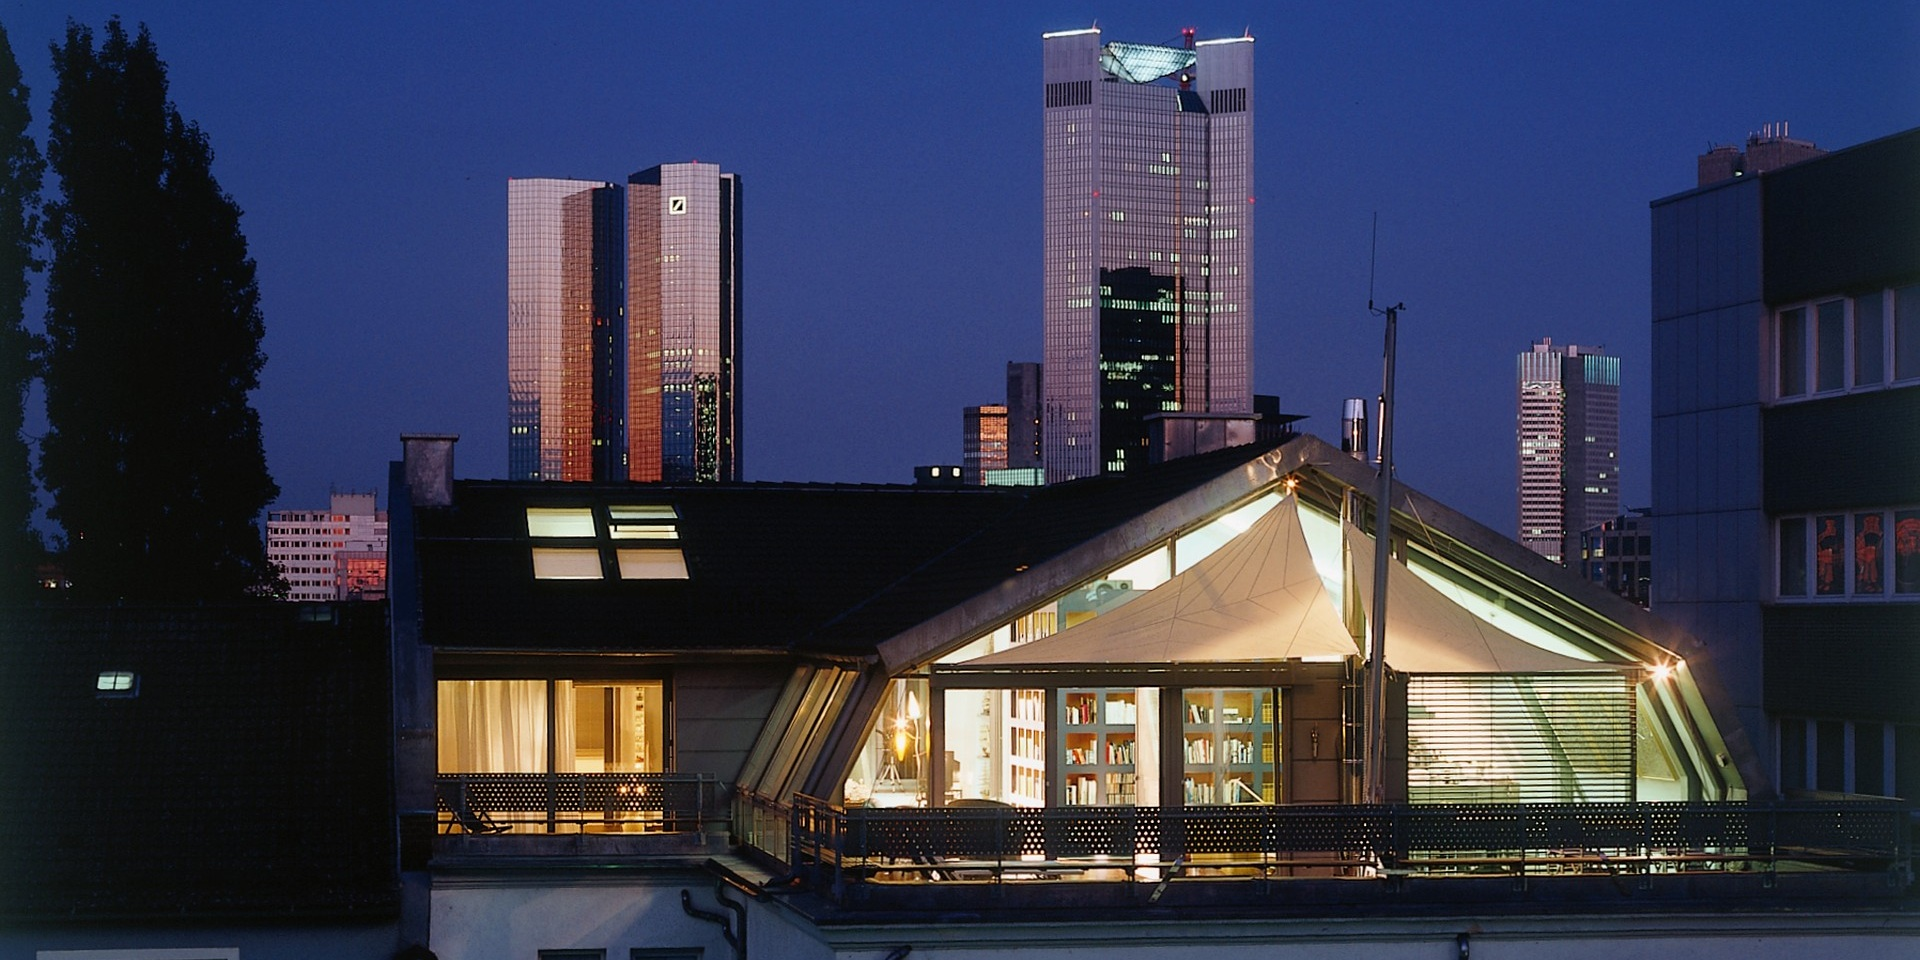 Neubau Penthouse - Frankfurt Westend, Frick.Reichert Architekten